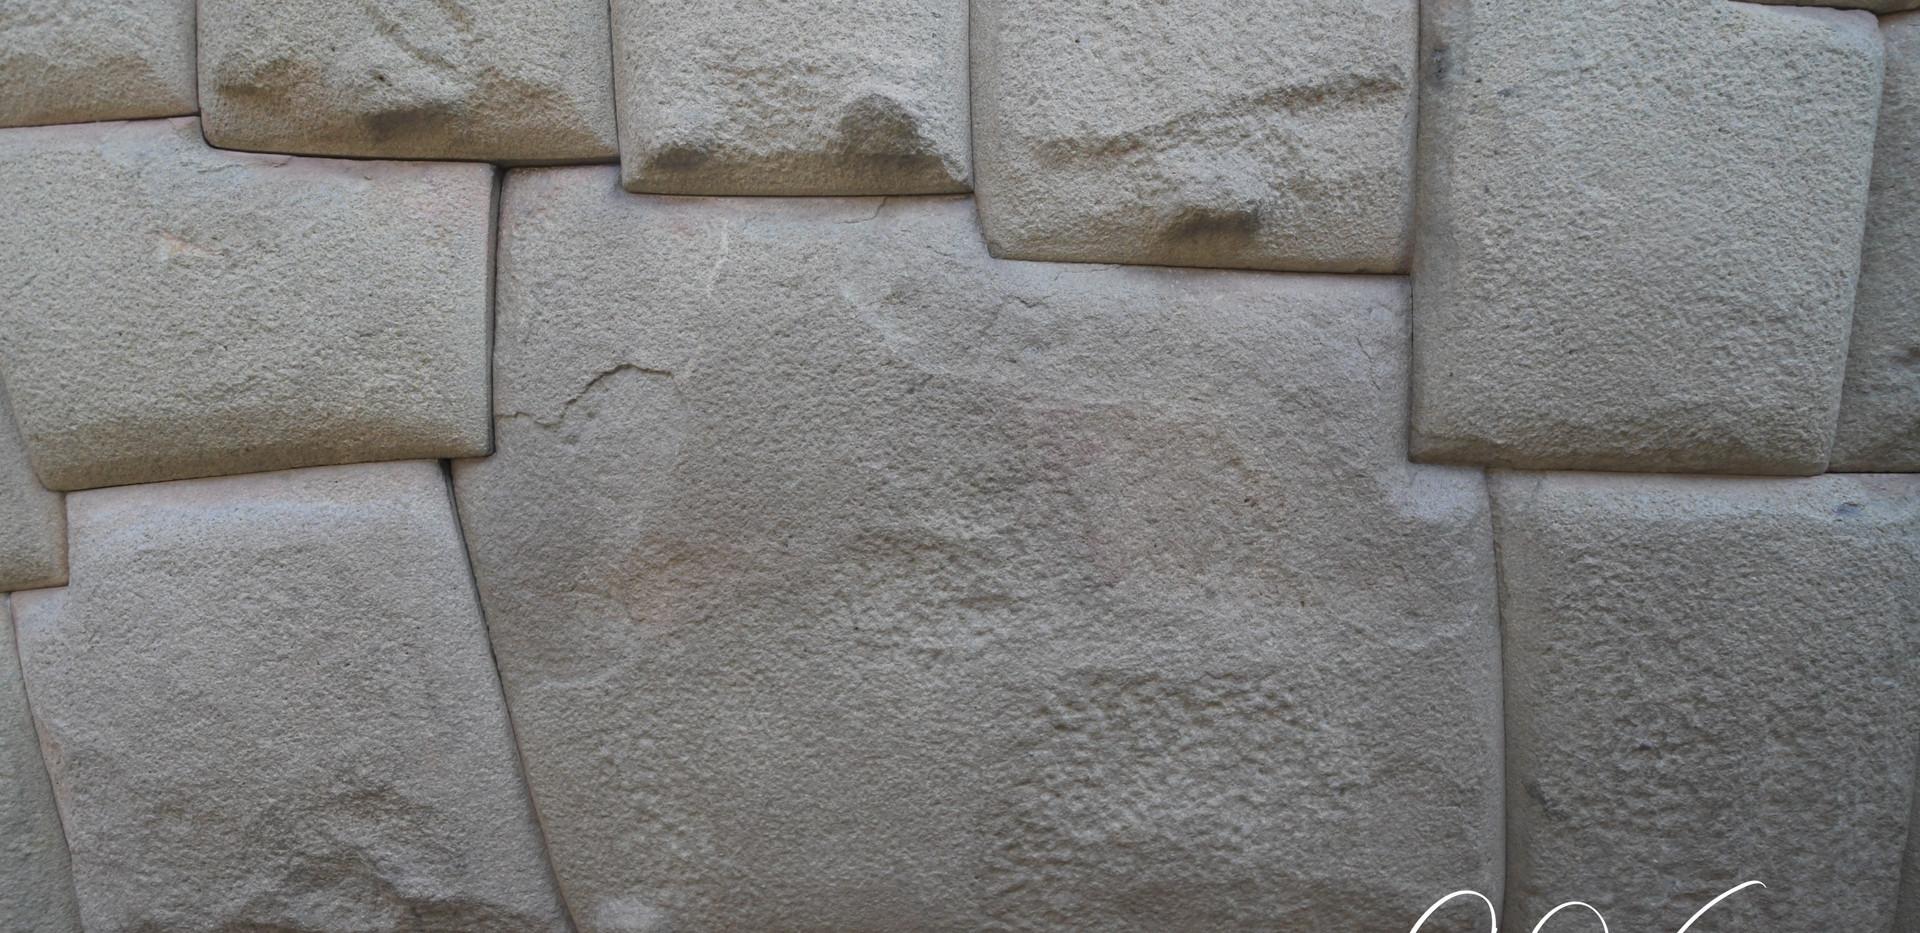 Fameuse pierre à douze angles